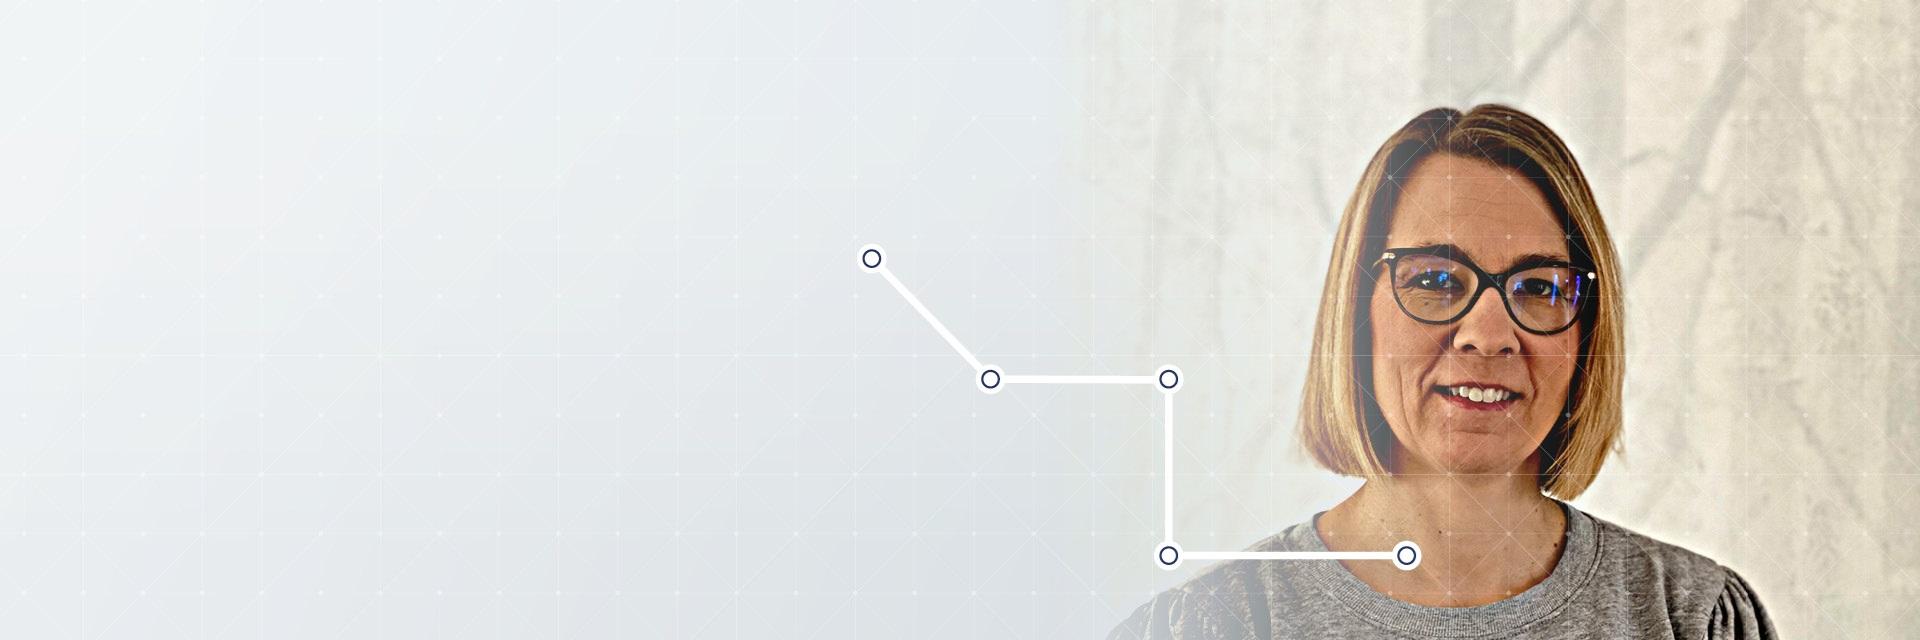 Customer-IQ_Experts-panel_VolvoFinans_Hero-2.jpg